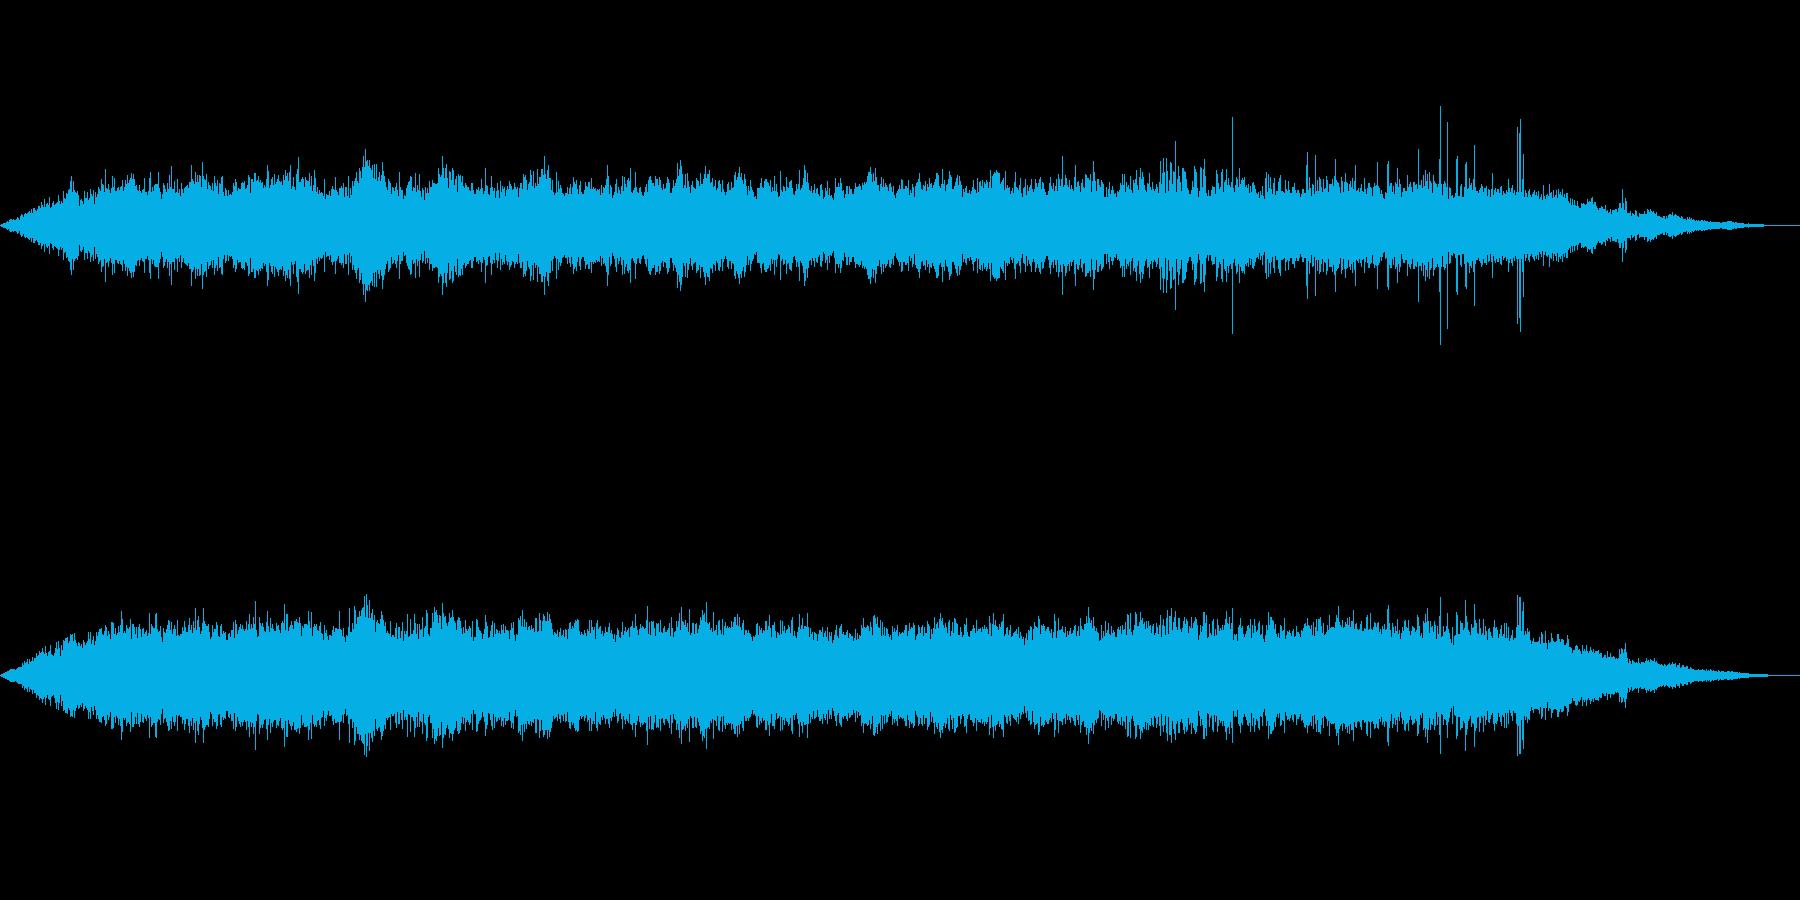 海 波 浜辺 海岸 カモメの環境音 15の再生済みの波形